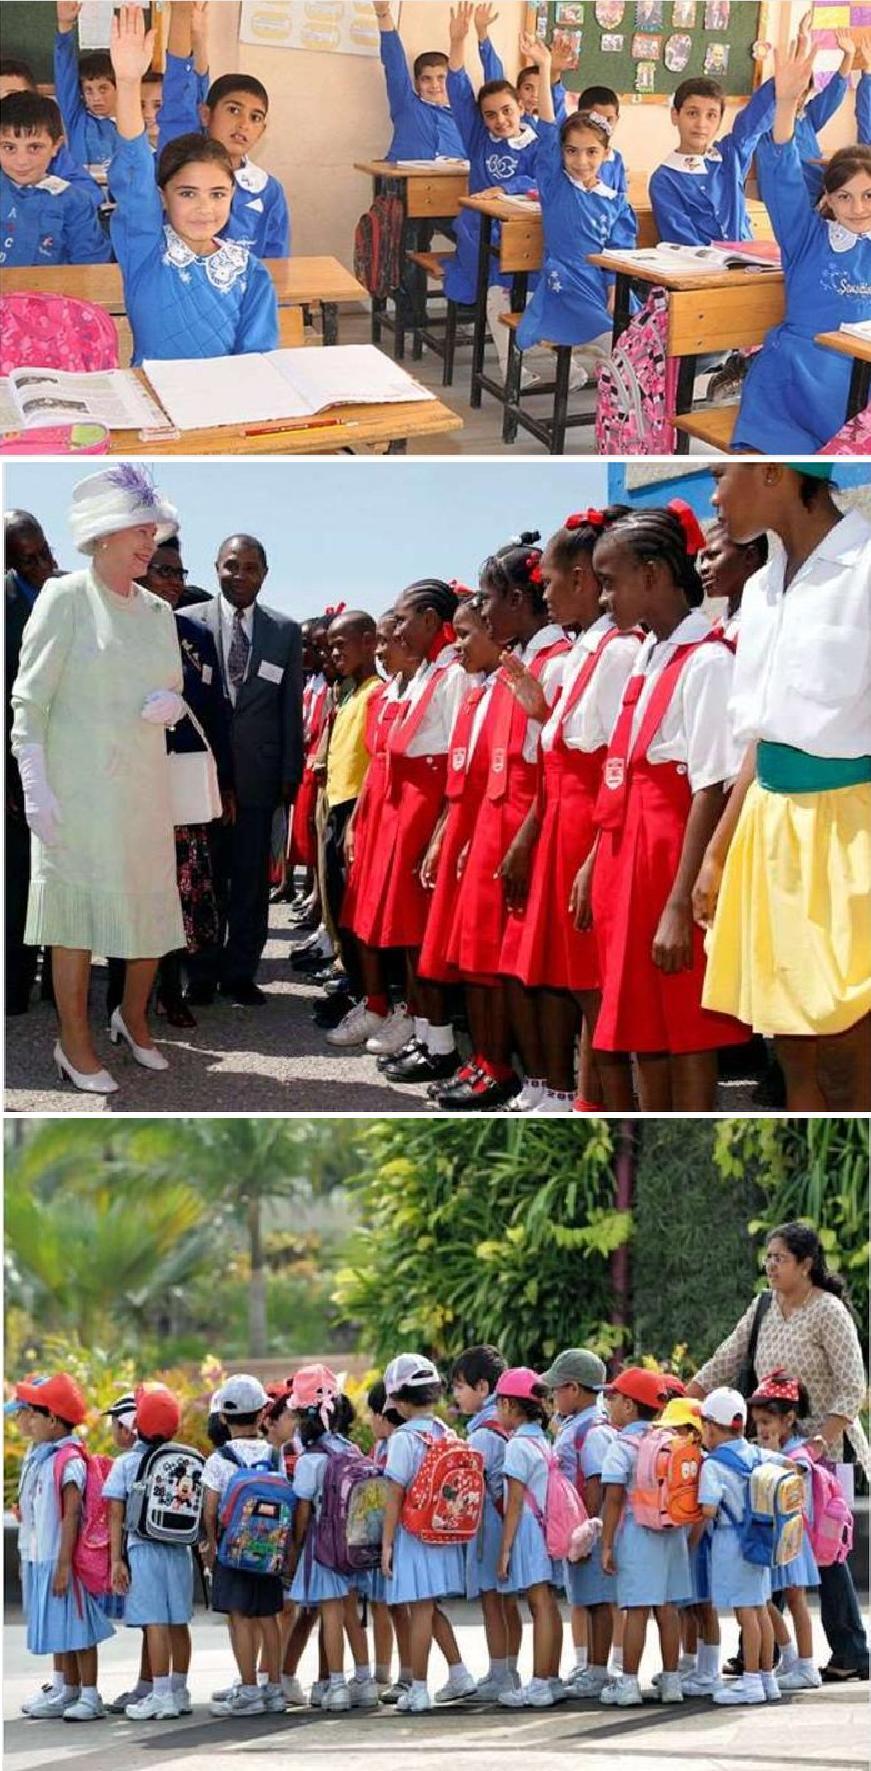 В Турции, на Ямайке и в Сингапуре обязательные требования к одежде определяет школа